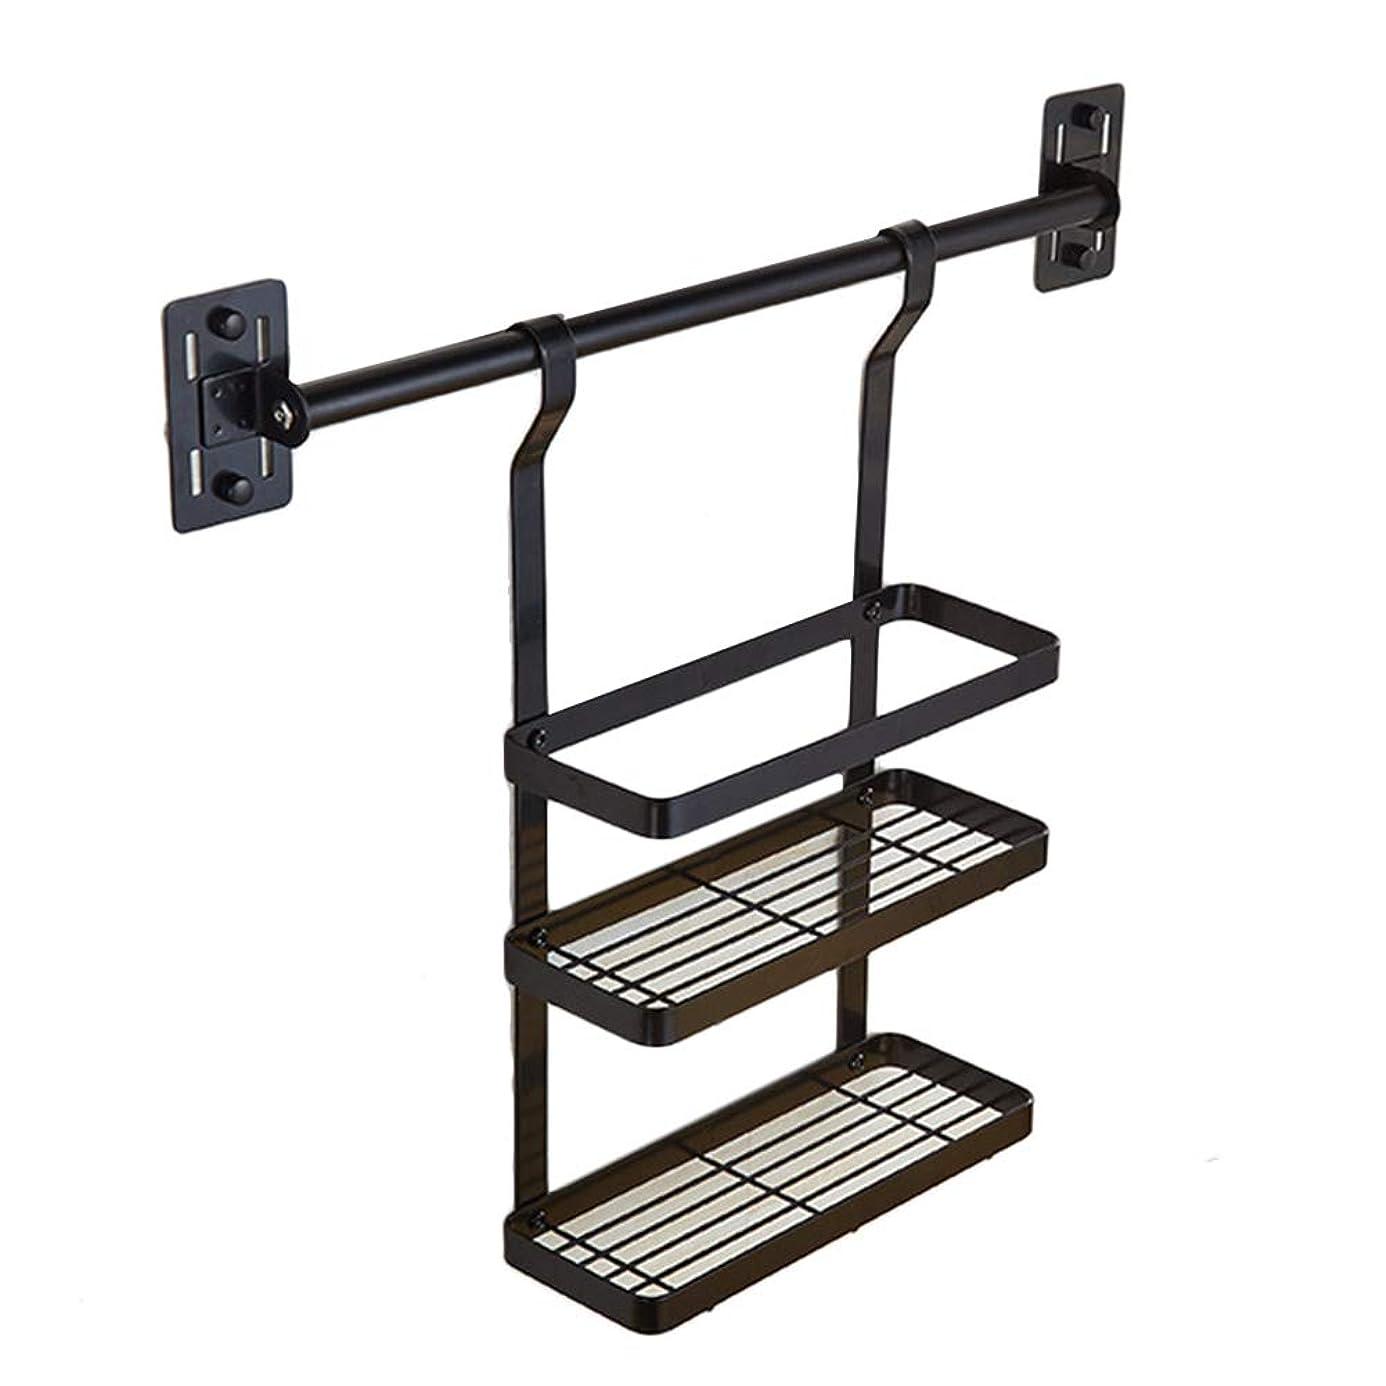 ファイナンス特に確保するCHenXin 棚棚 - ラックラックを浮かべるラックステンレス製の収納ラック3層の箸を置いたキッチン、黒、28×10×45.5cm ==